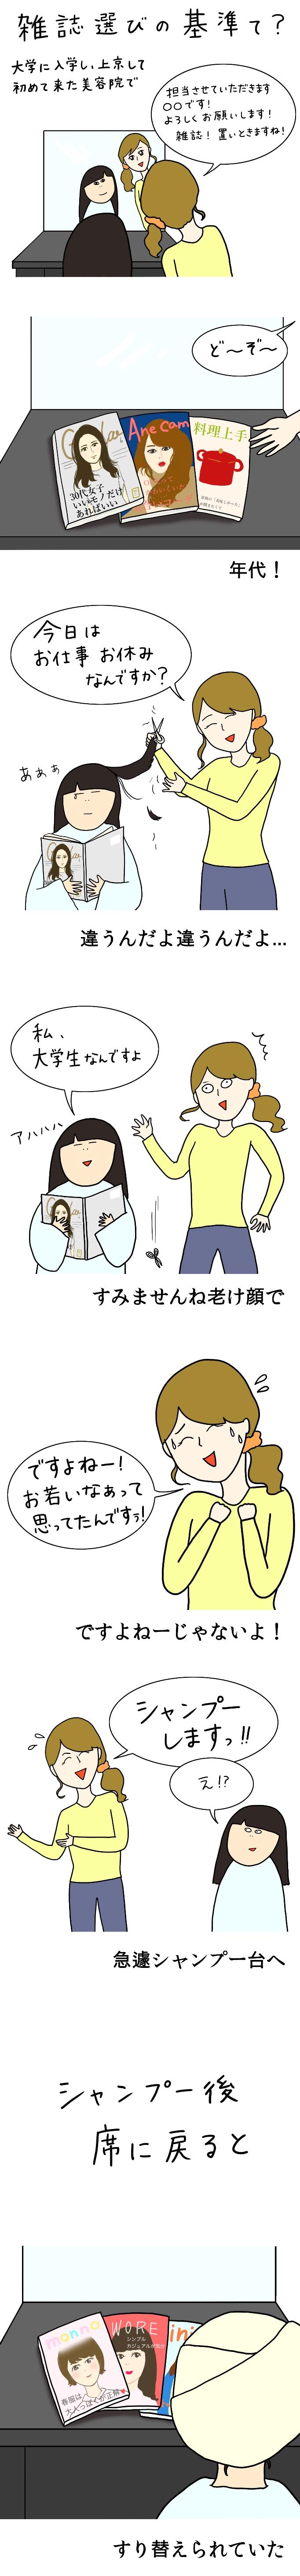 【校了】biyouinn_01_修正